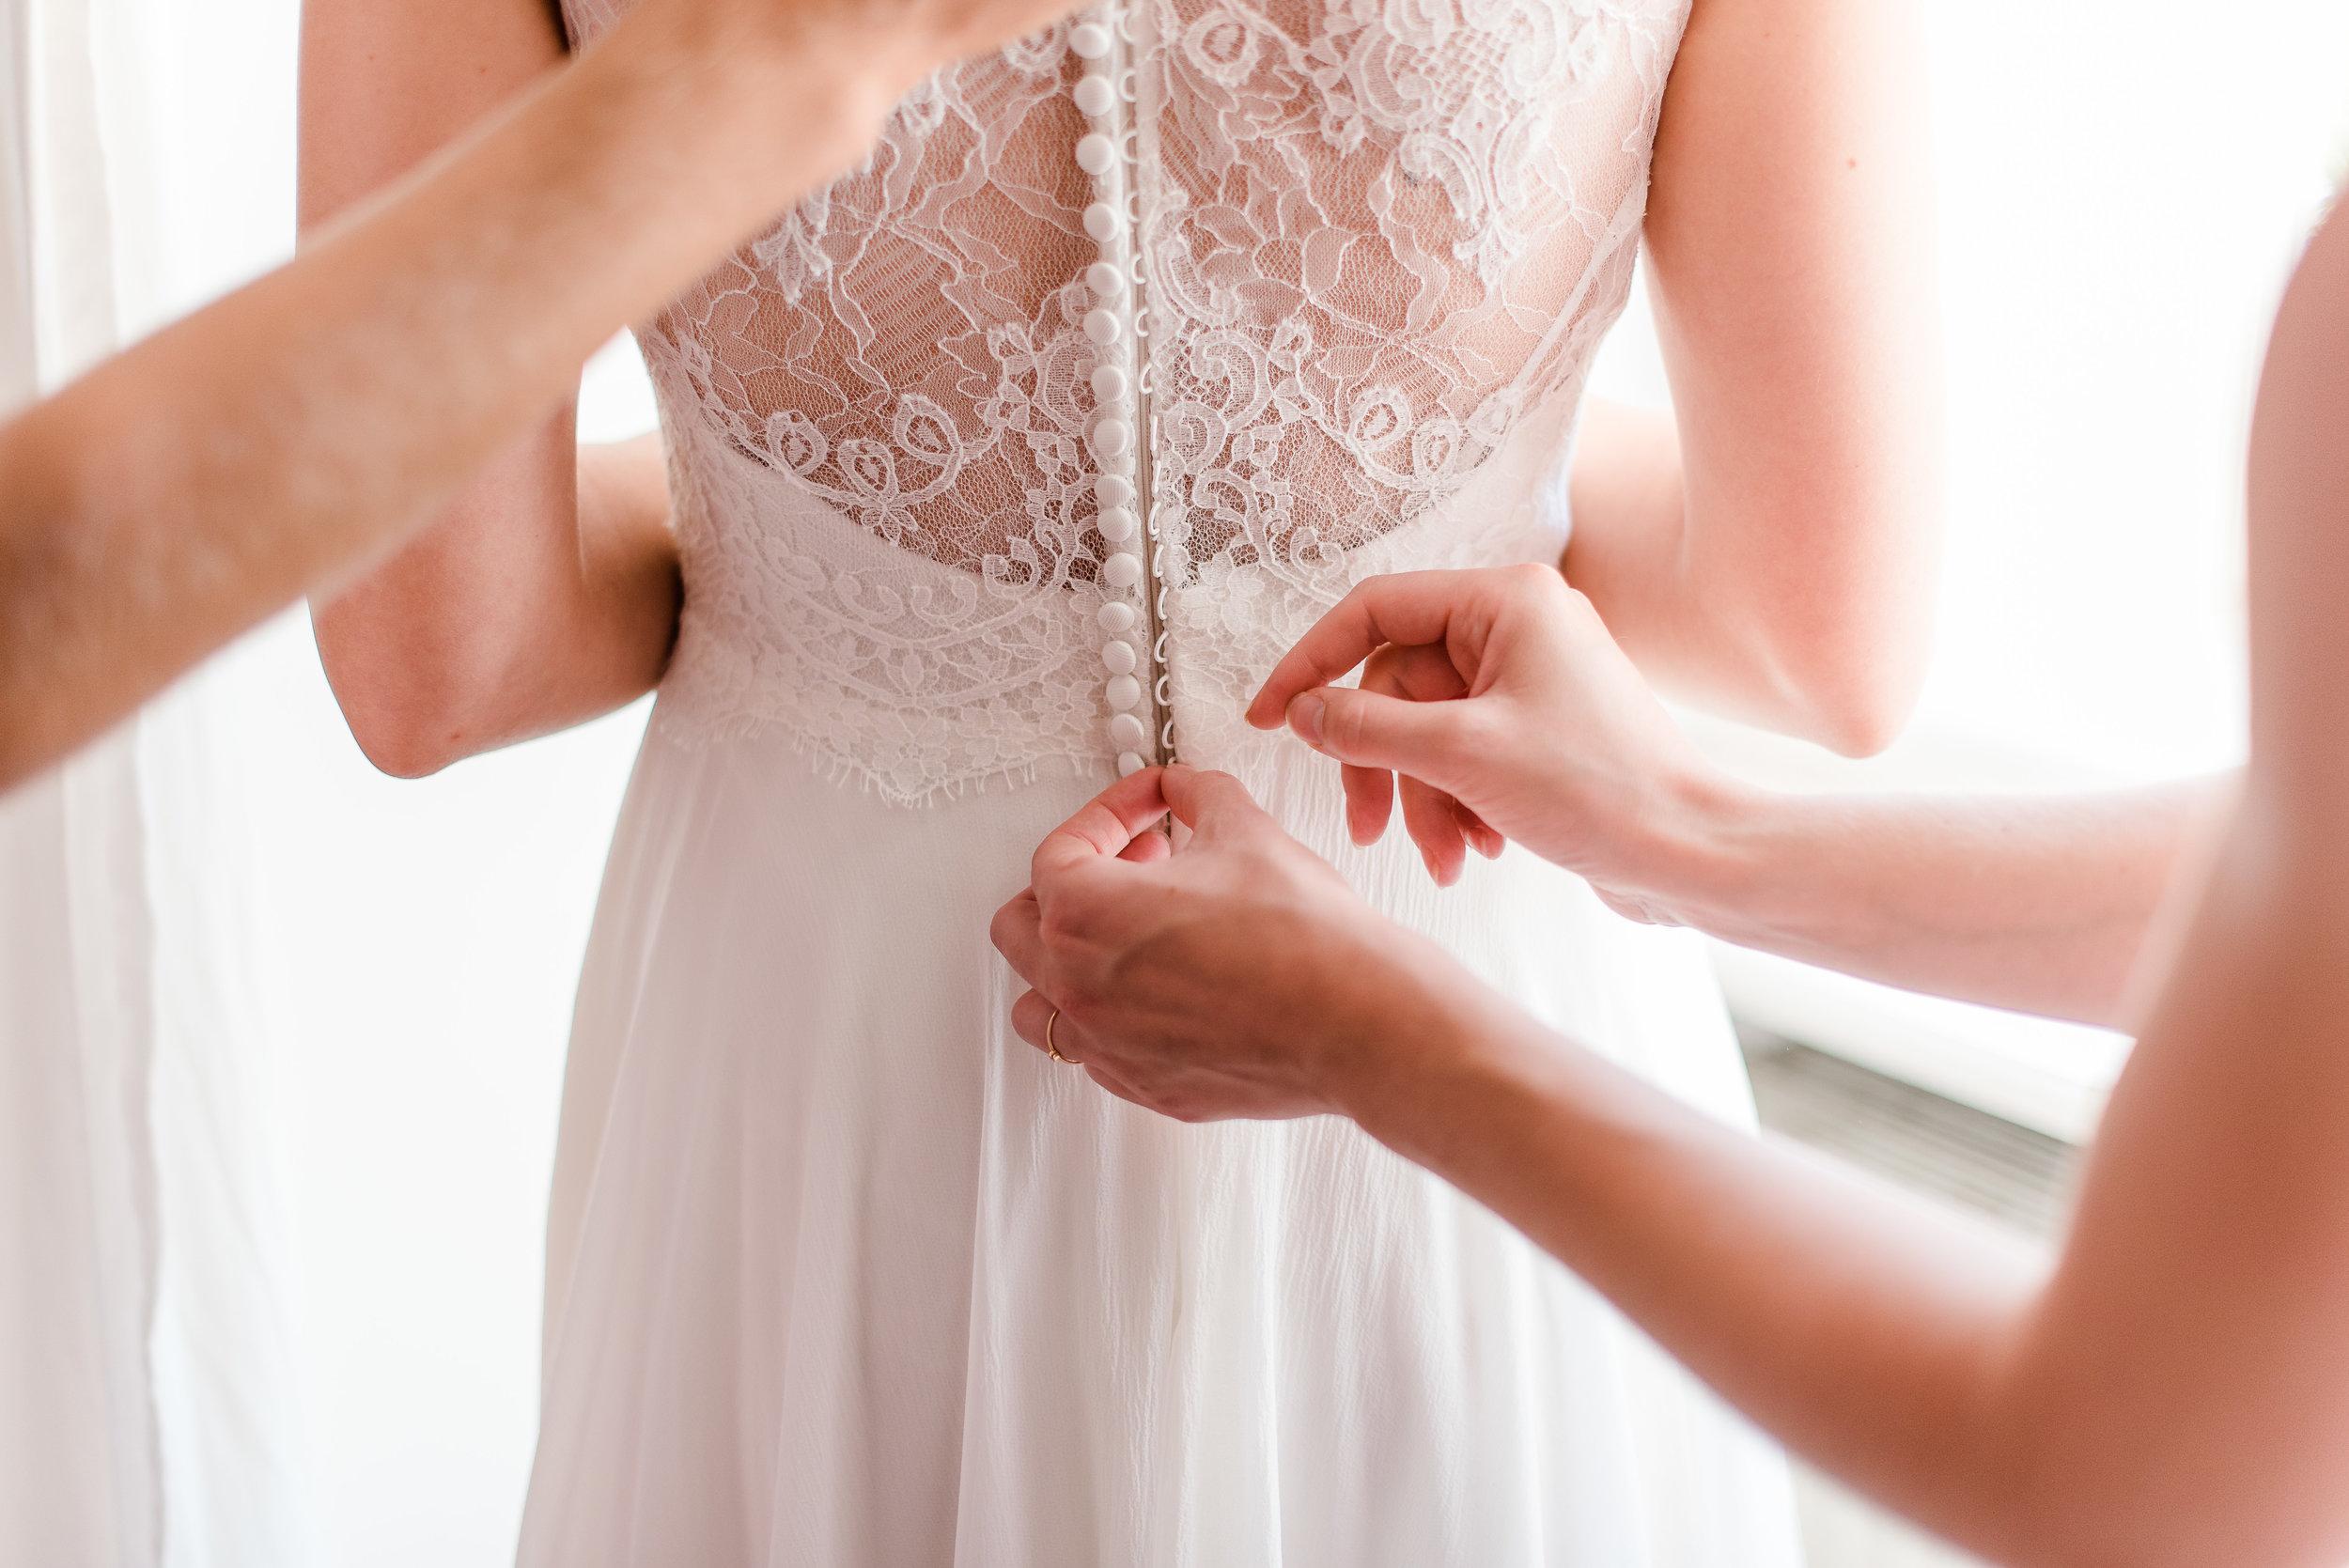 rosemarrylemon_Hochzeit_ES_Hochzeitsplanung38.jpg